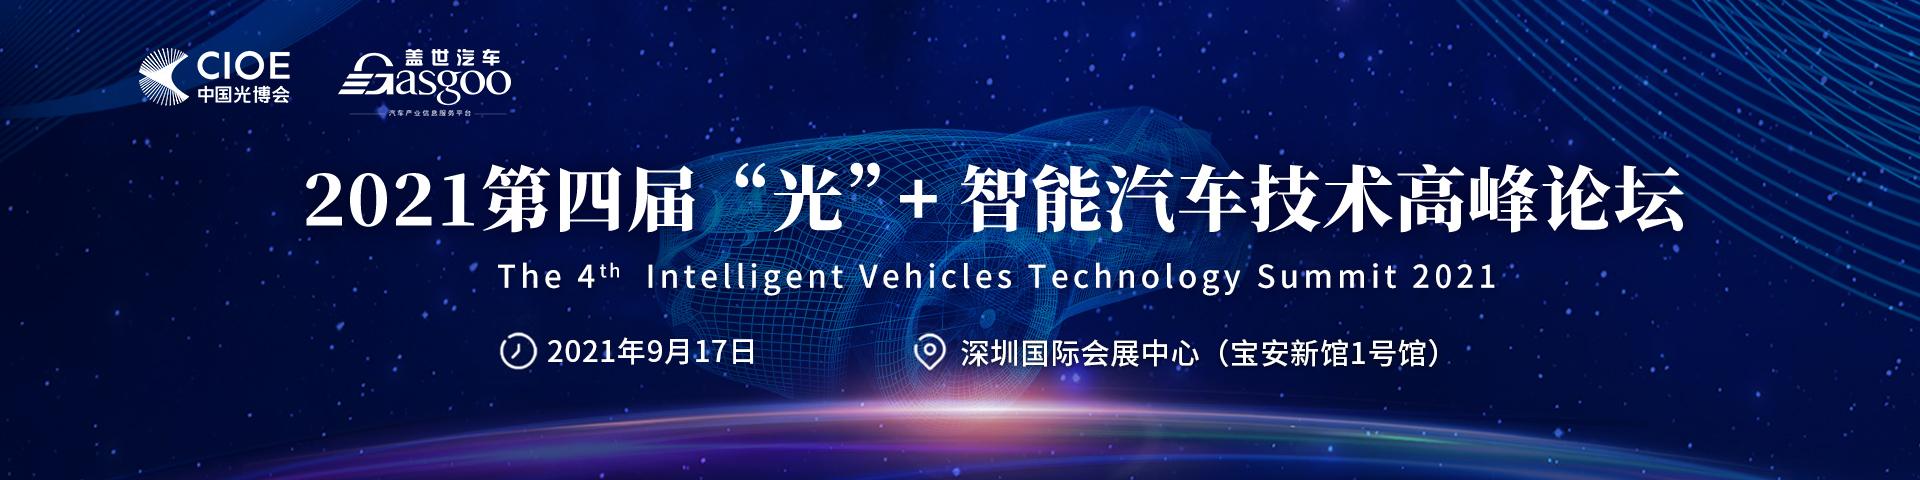 2021第四届光+智能汽车技术高峰论坛